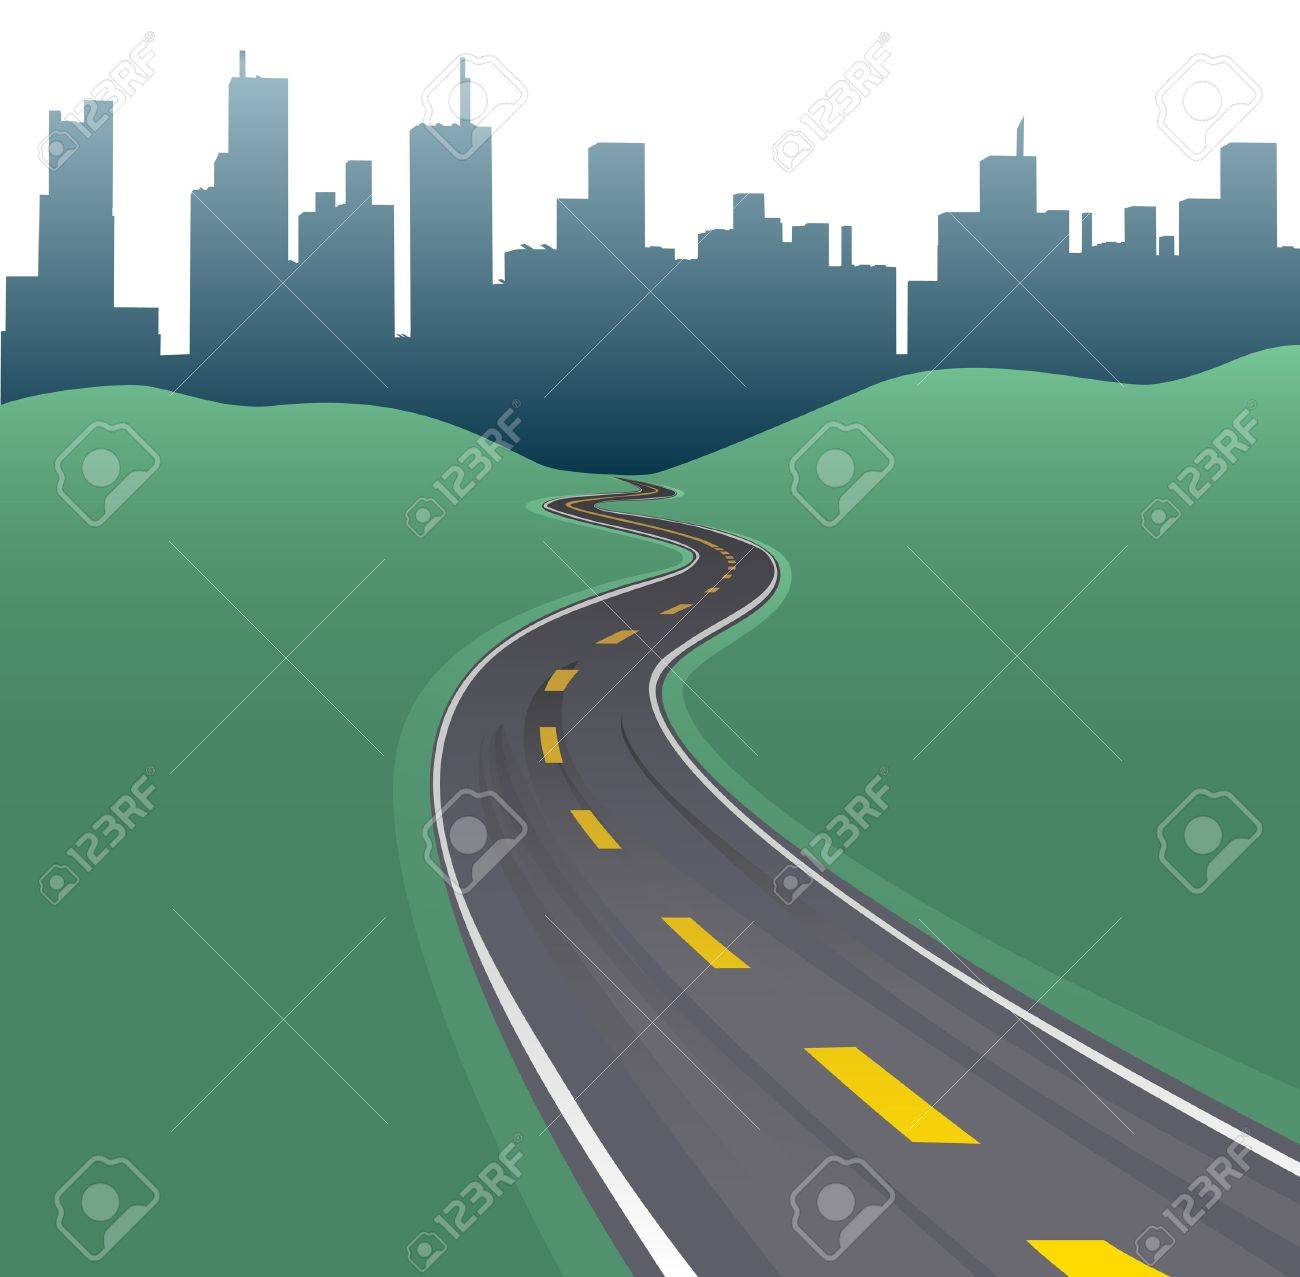 Highway path curves toward city buildings urban skyline Stock Vector - 11266844